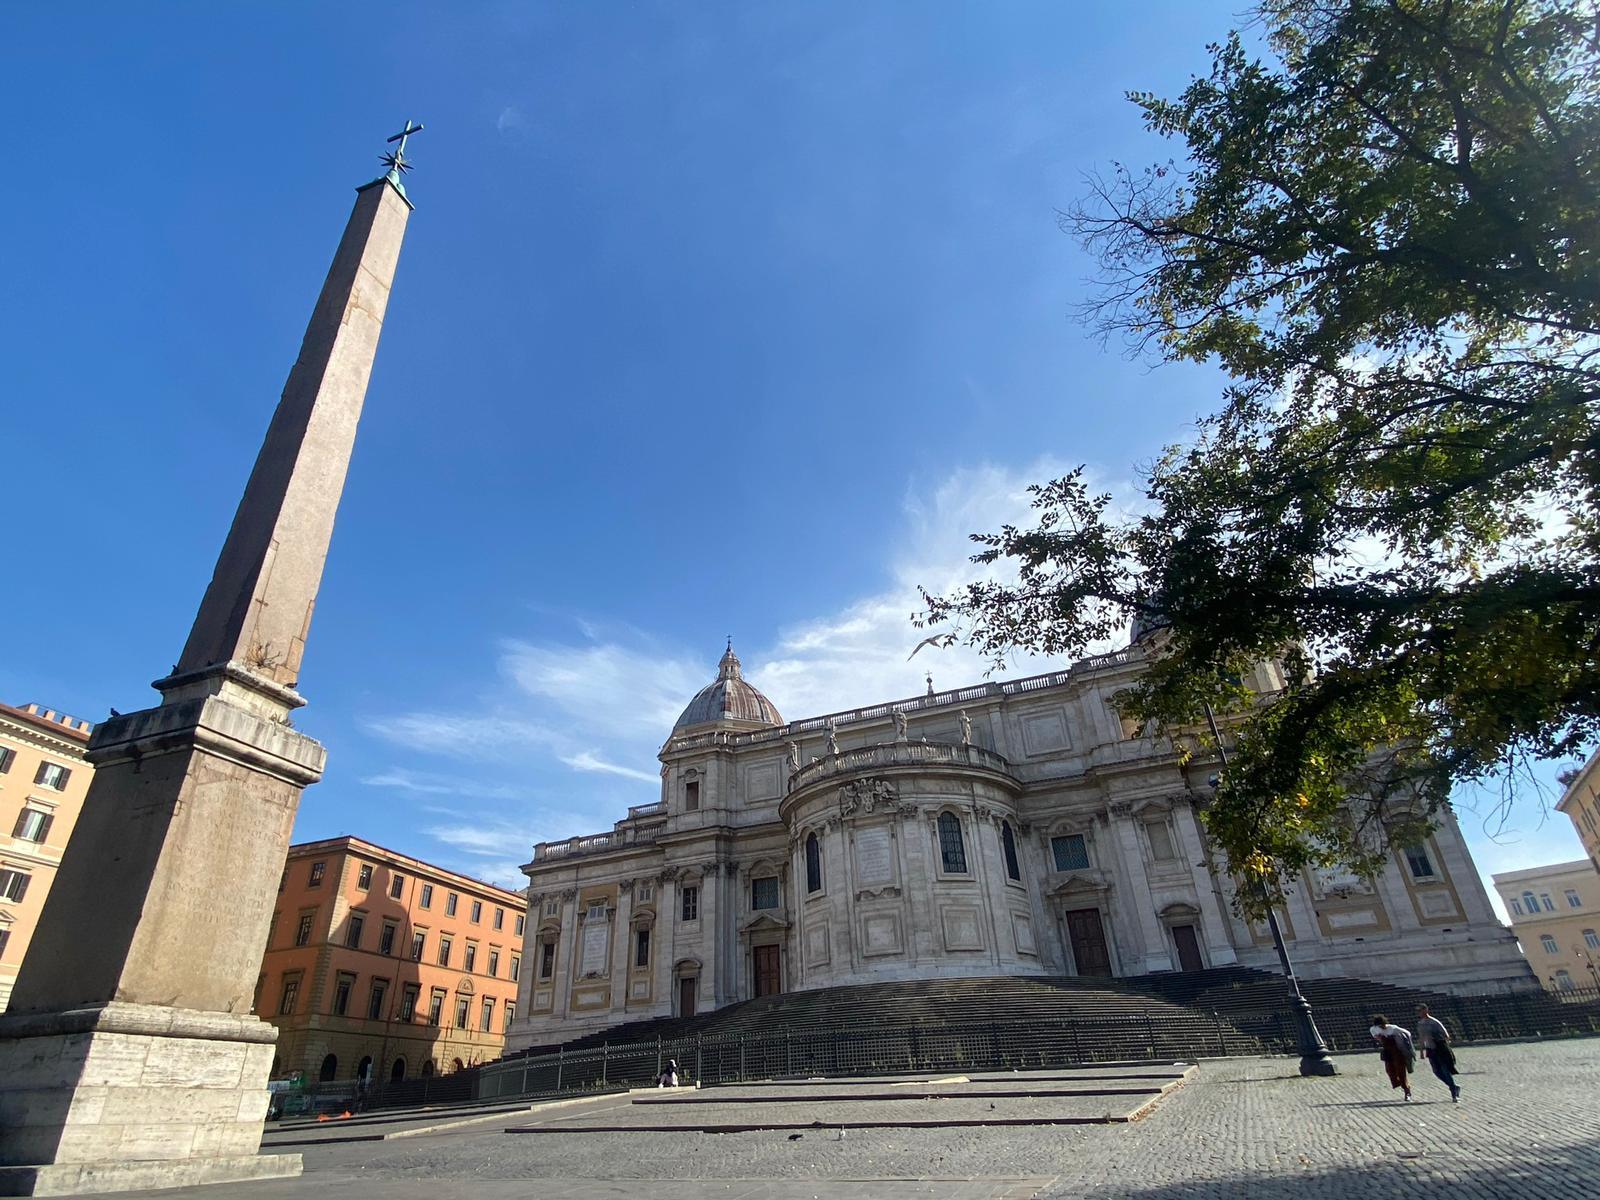 Piazza Esquilino-Art Club - Associazione culturale - Visite guidate a Roma - Esperienze di Arte - Novembre - 2021